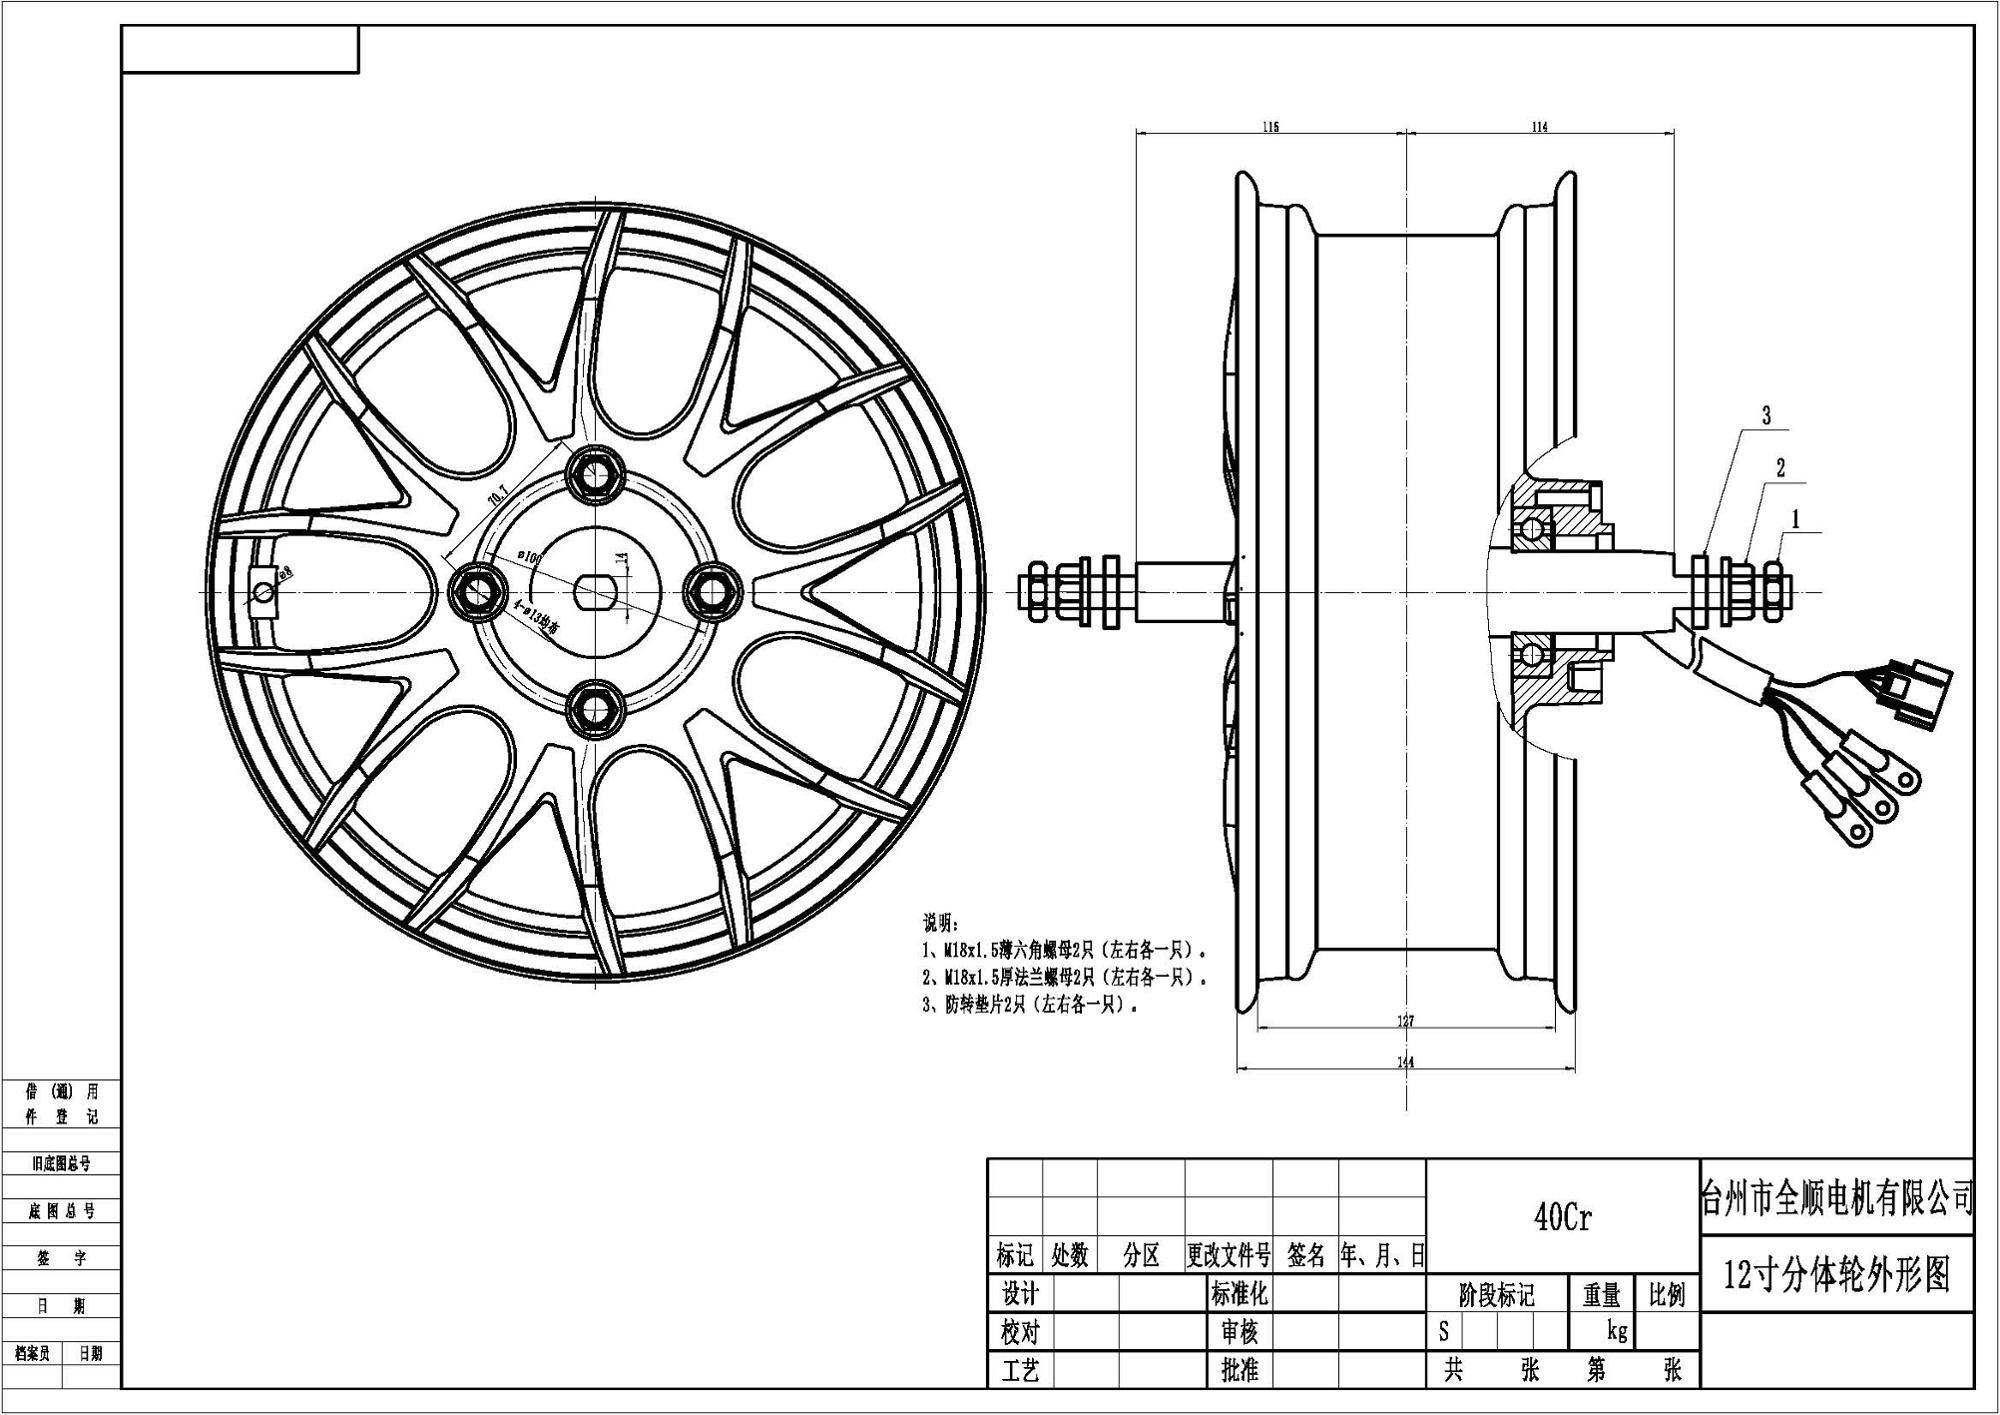 12 260 Super Wide Tyre Model W V1 Scooter Hub Motor